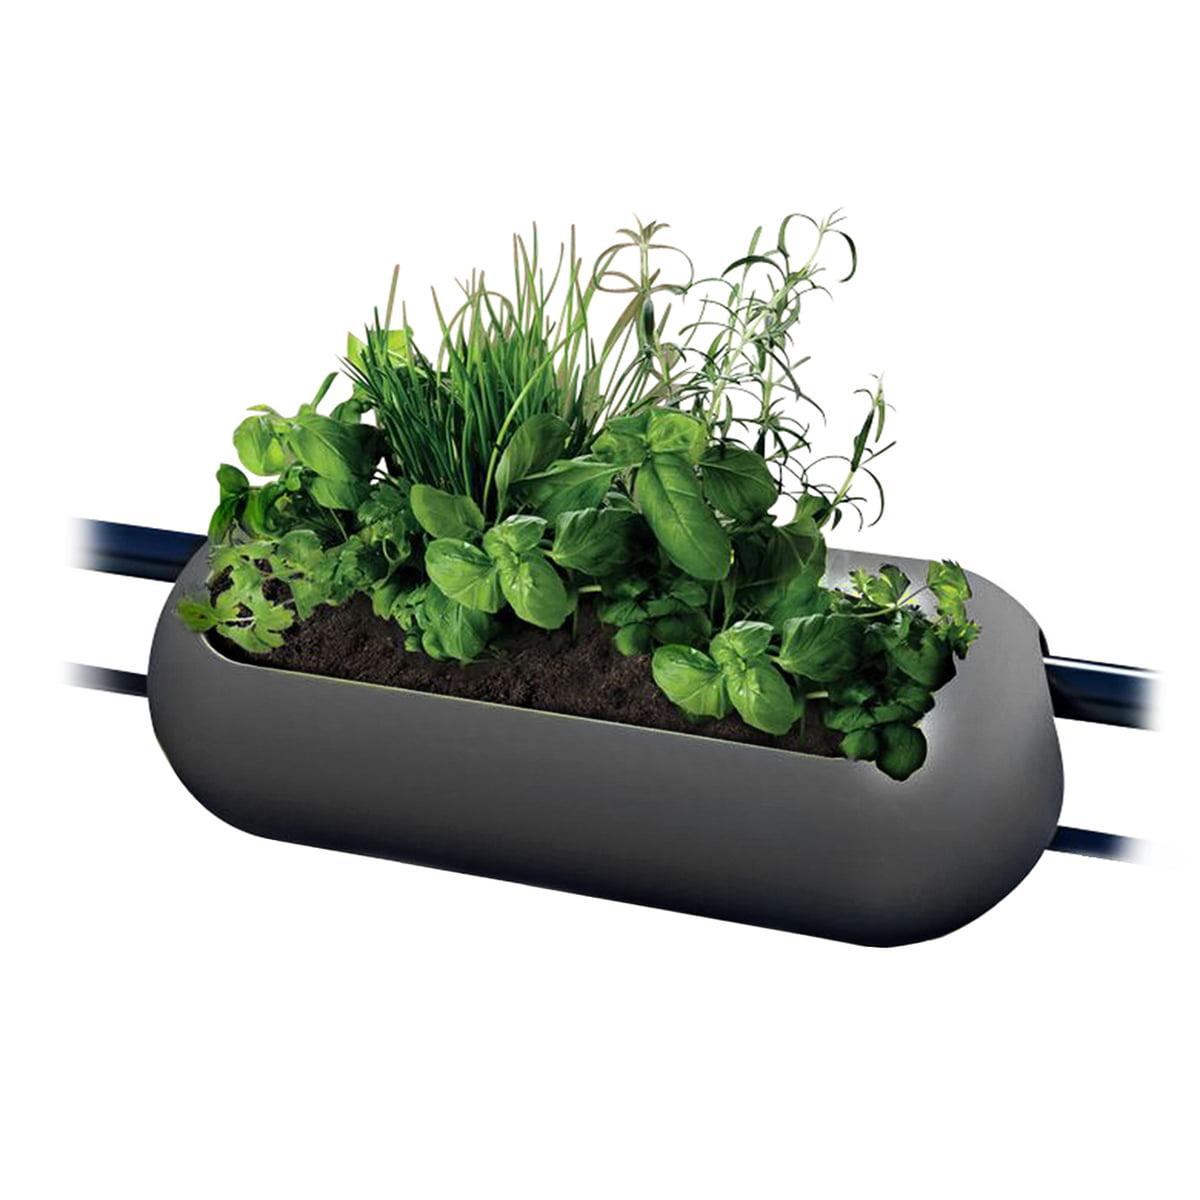 rephorm - balconismo Balkonkasten, graphit | Garten > Pflanzen > Pflanzkästen | rephorm